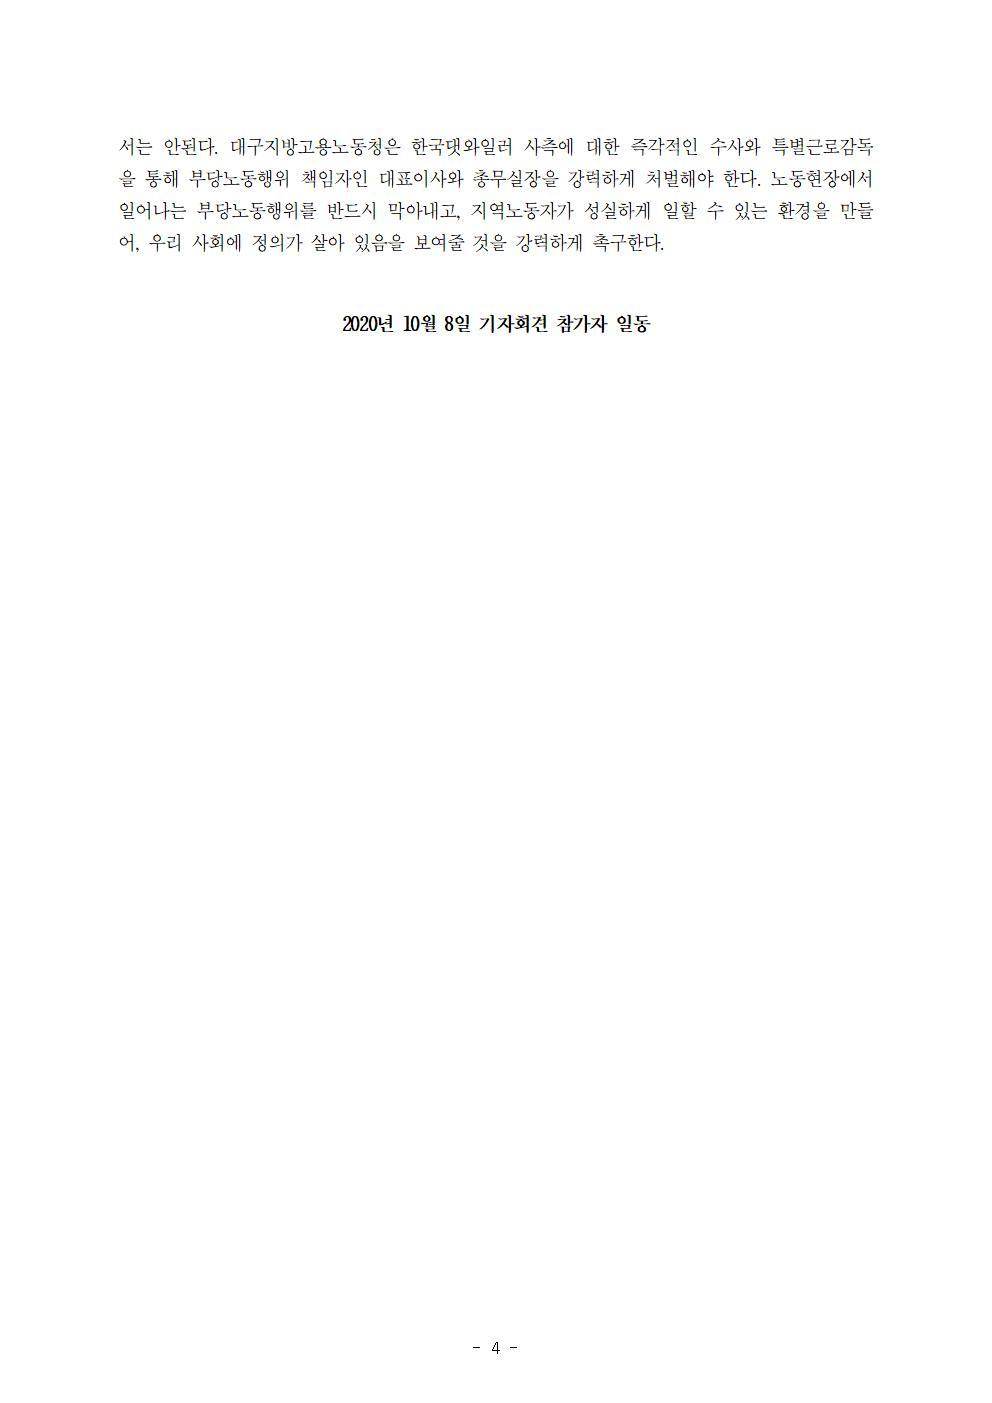 [1006 보도자료,기자회견문]한국댓와일러분회 대구노동청 앞 농성투쟁 돌입 기자회견004.jpg